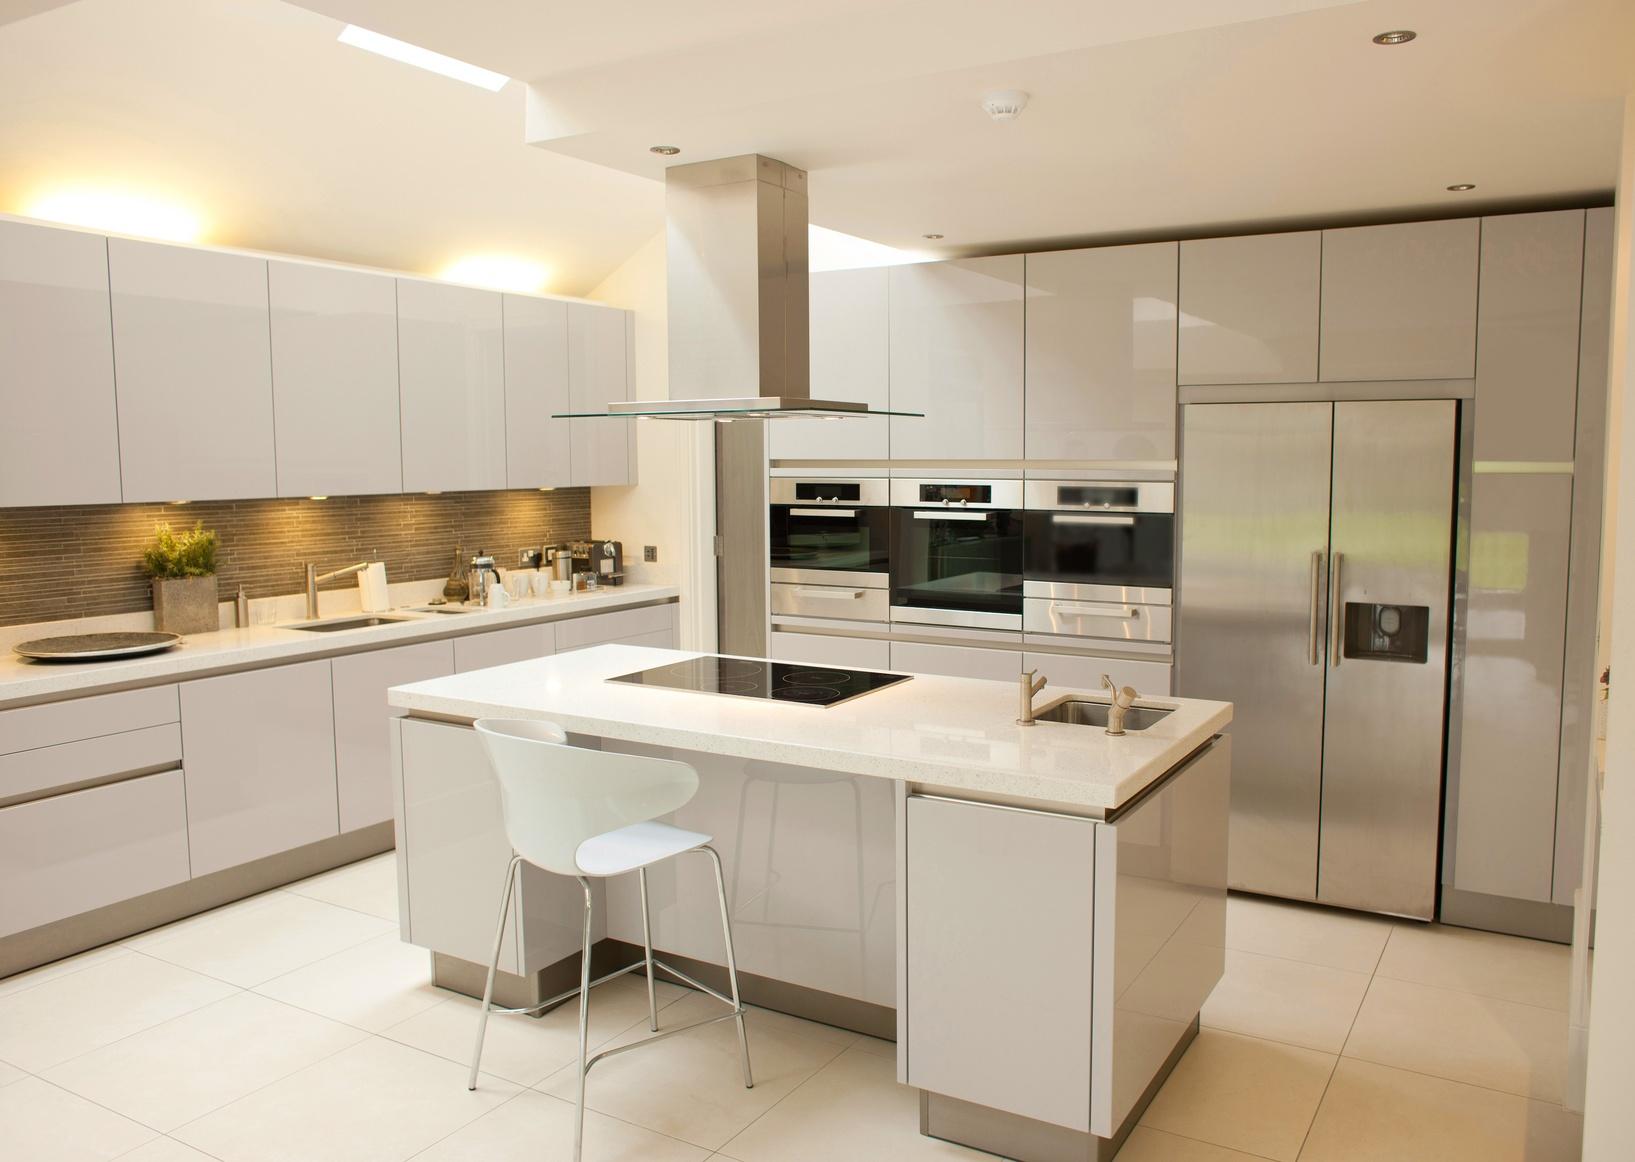 Canary kitchen muebles de cocina armarios y reformas en for Cocinas xey en tenerife